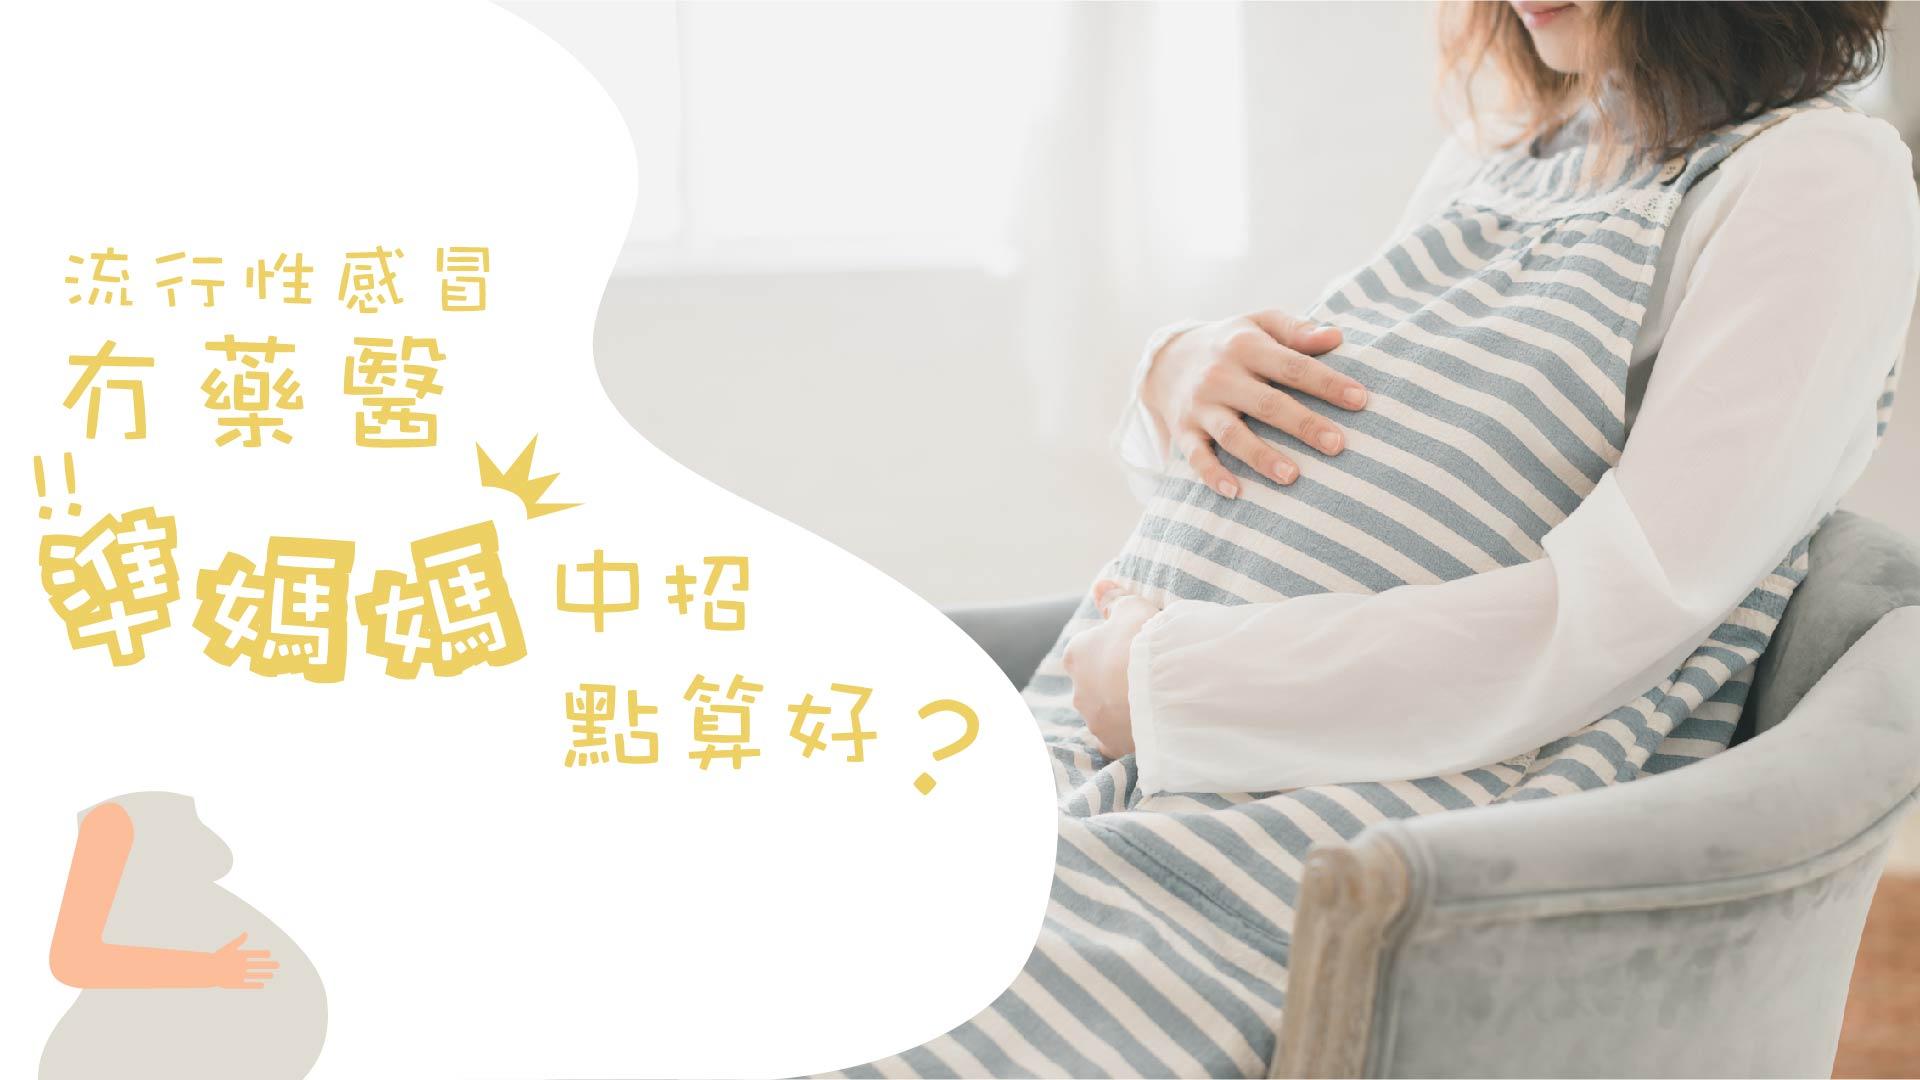 流行性感冒冇藥醫 準媽媽中招點算好?